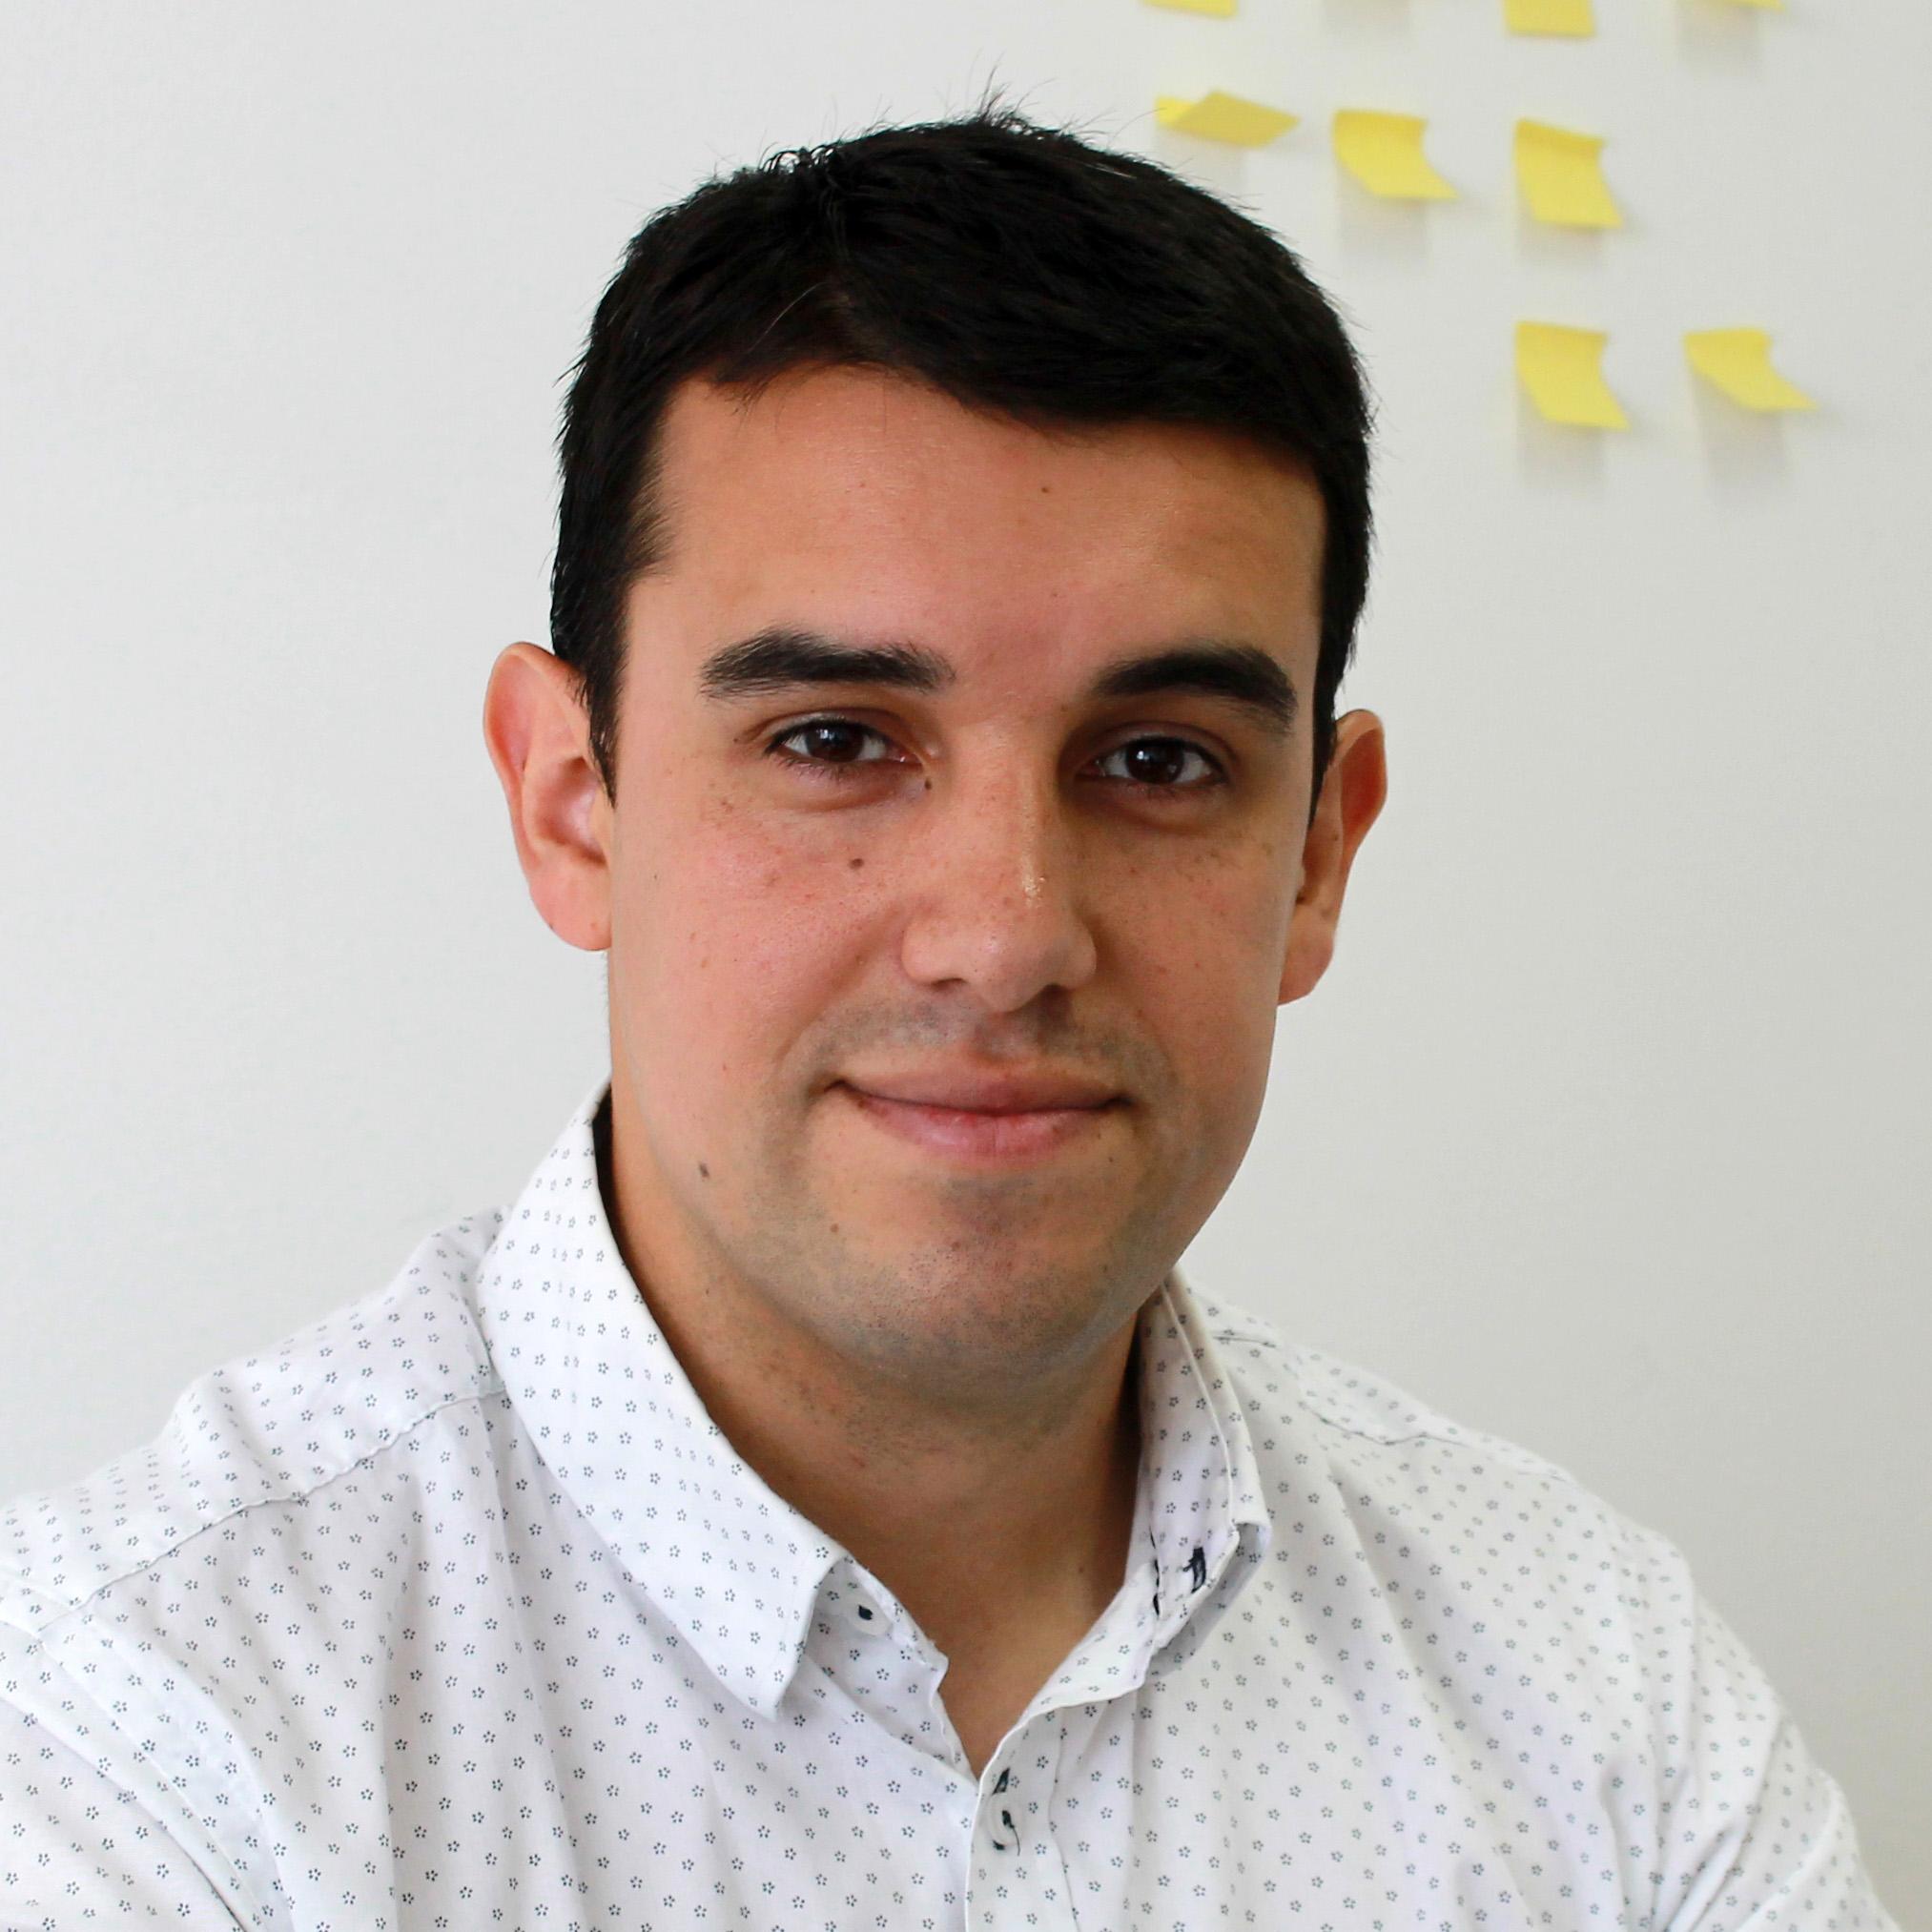 Esteban Ruiz